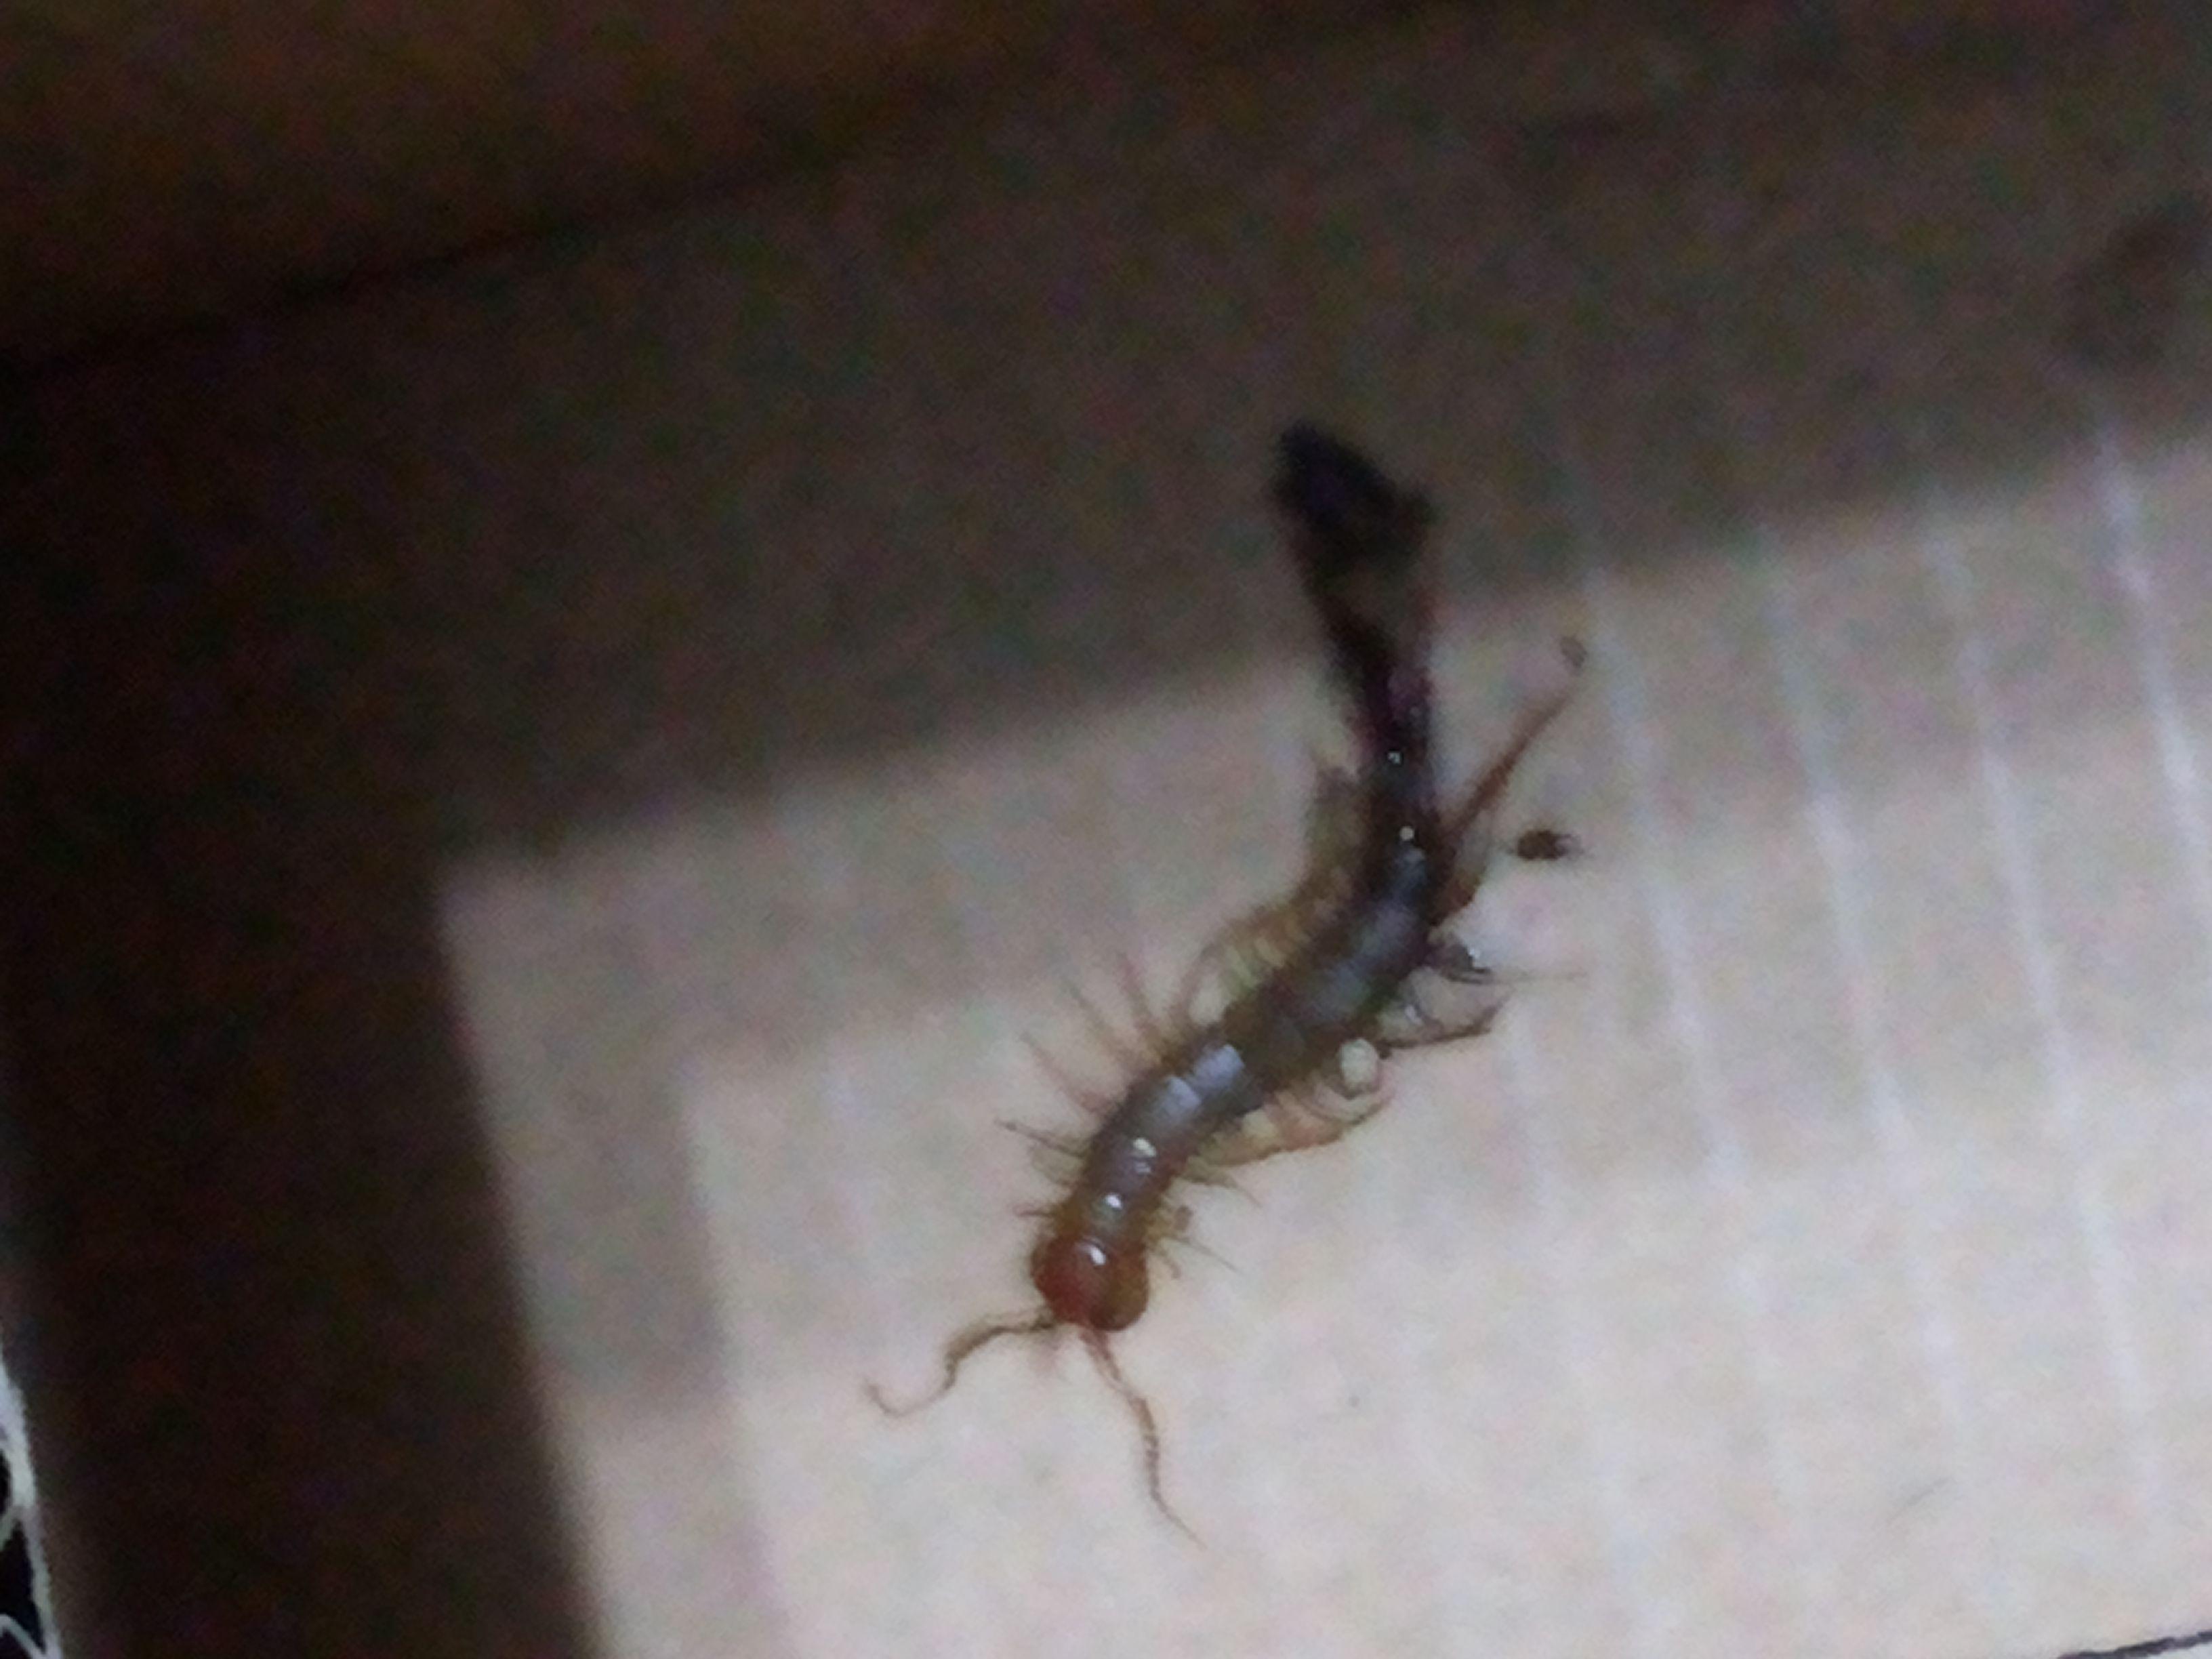 家里发现了很像蜈蚣的虫子这是什么